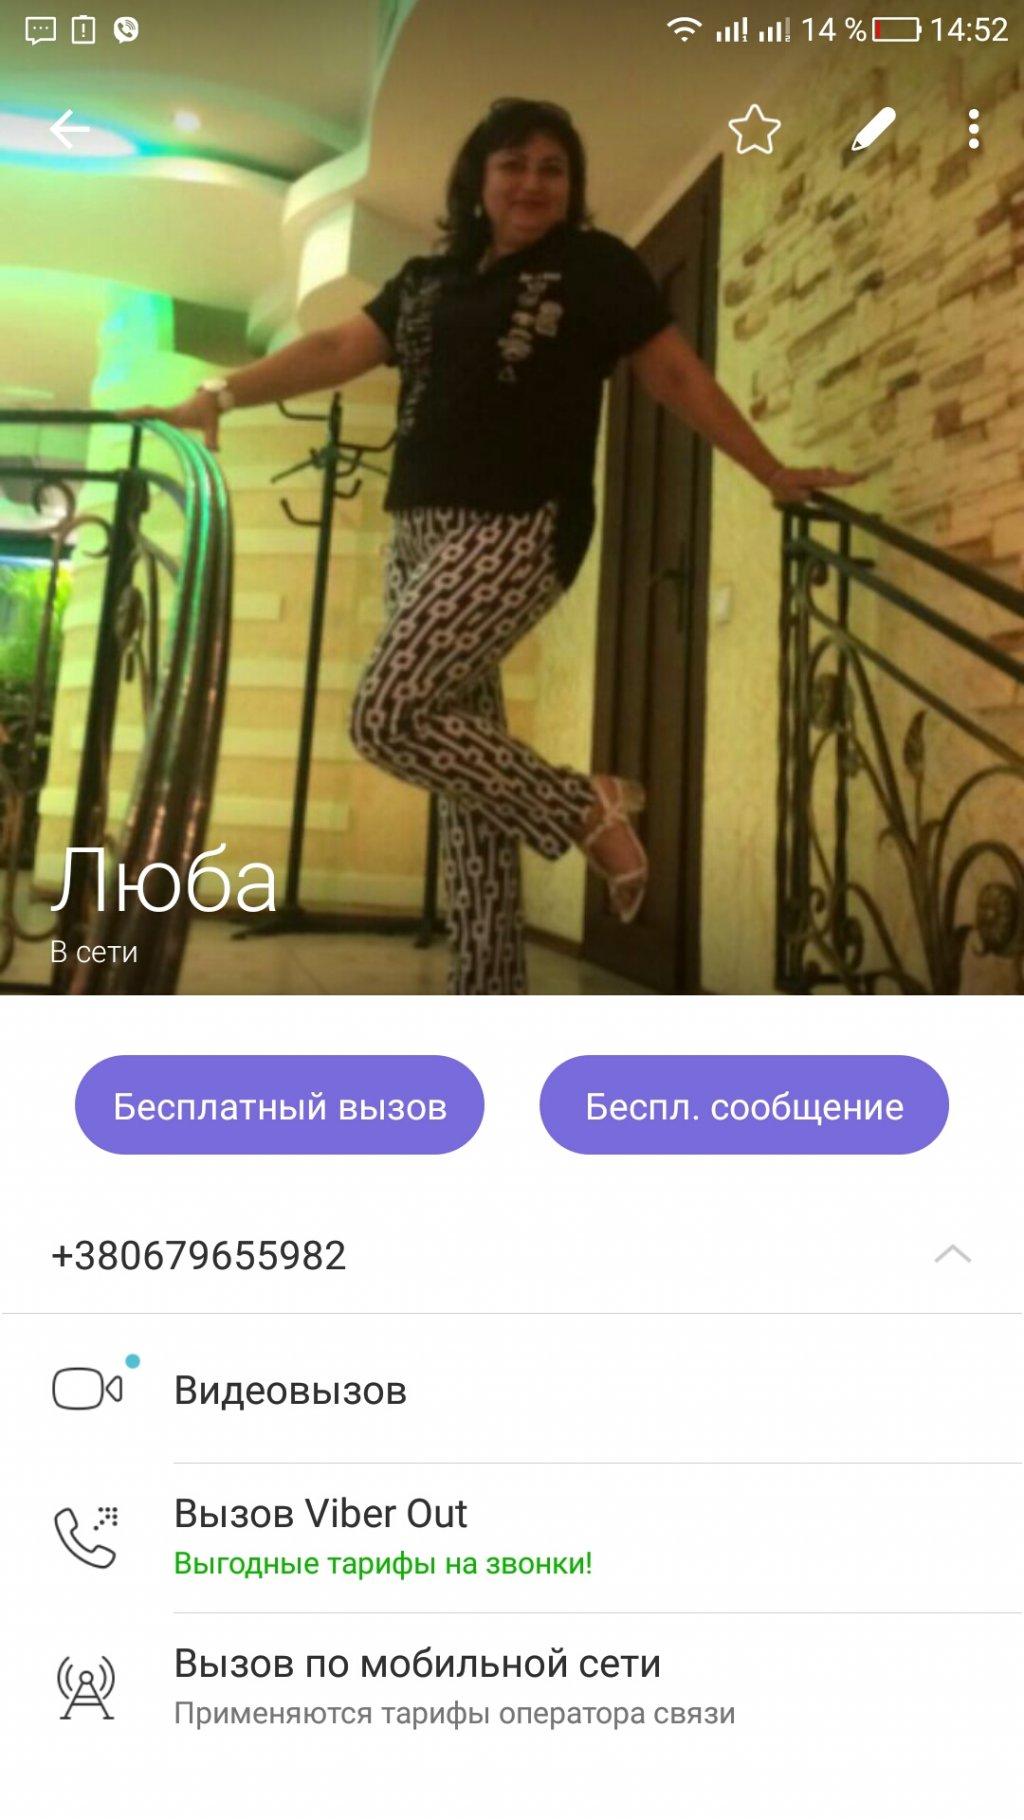 Отзывы о покупателях - Люба Бобровска 0679655982 не забрала посылку